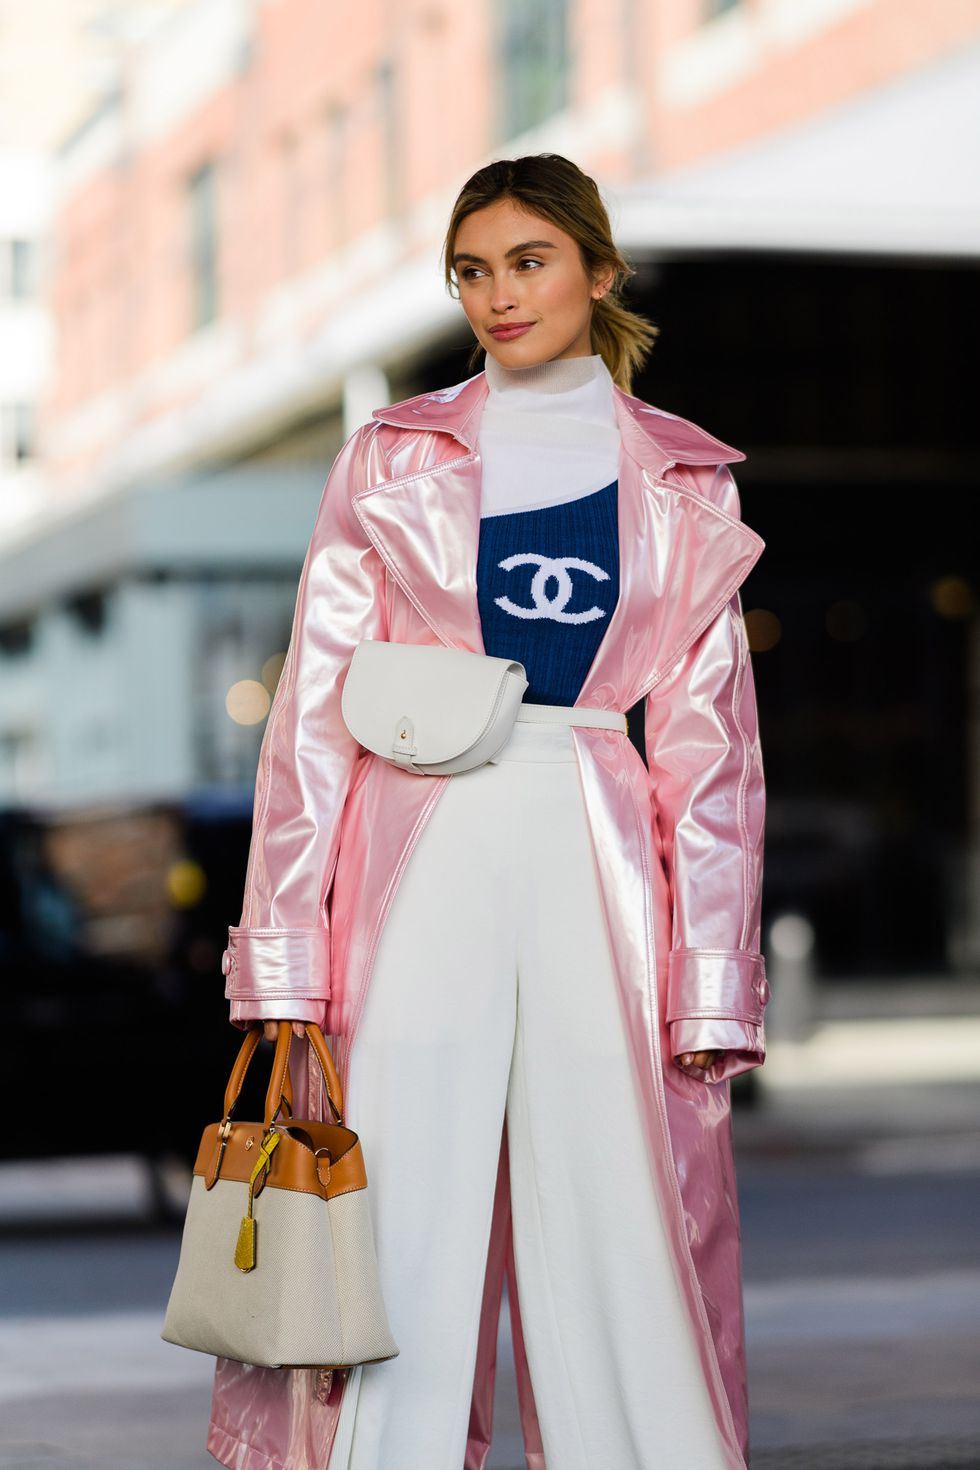 kết hợp trang phục màu xanh navy và áo khoác hồng